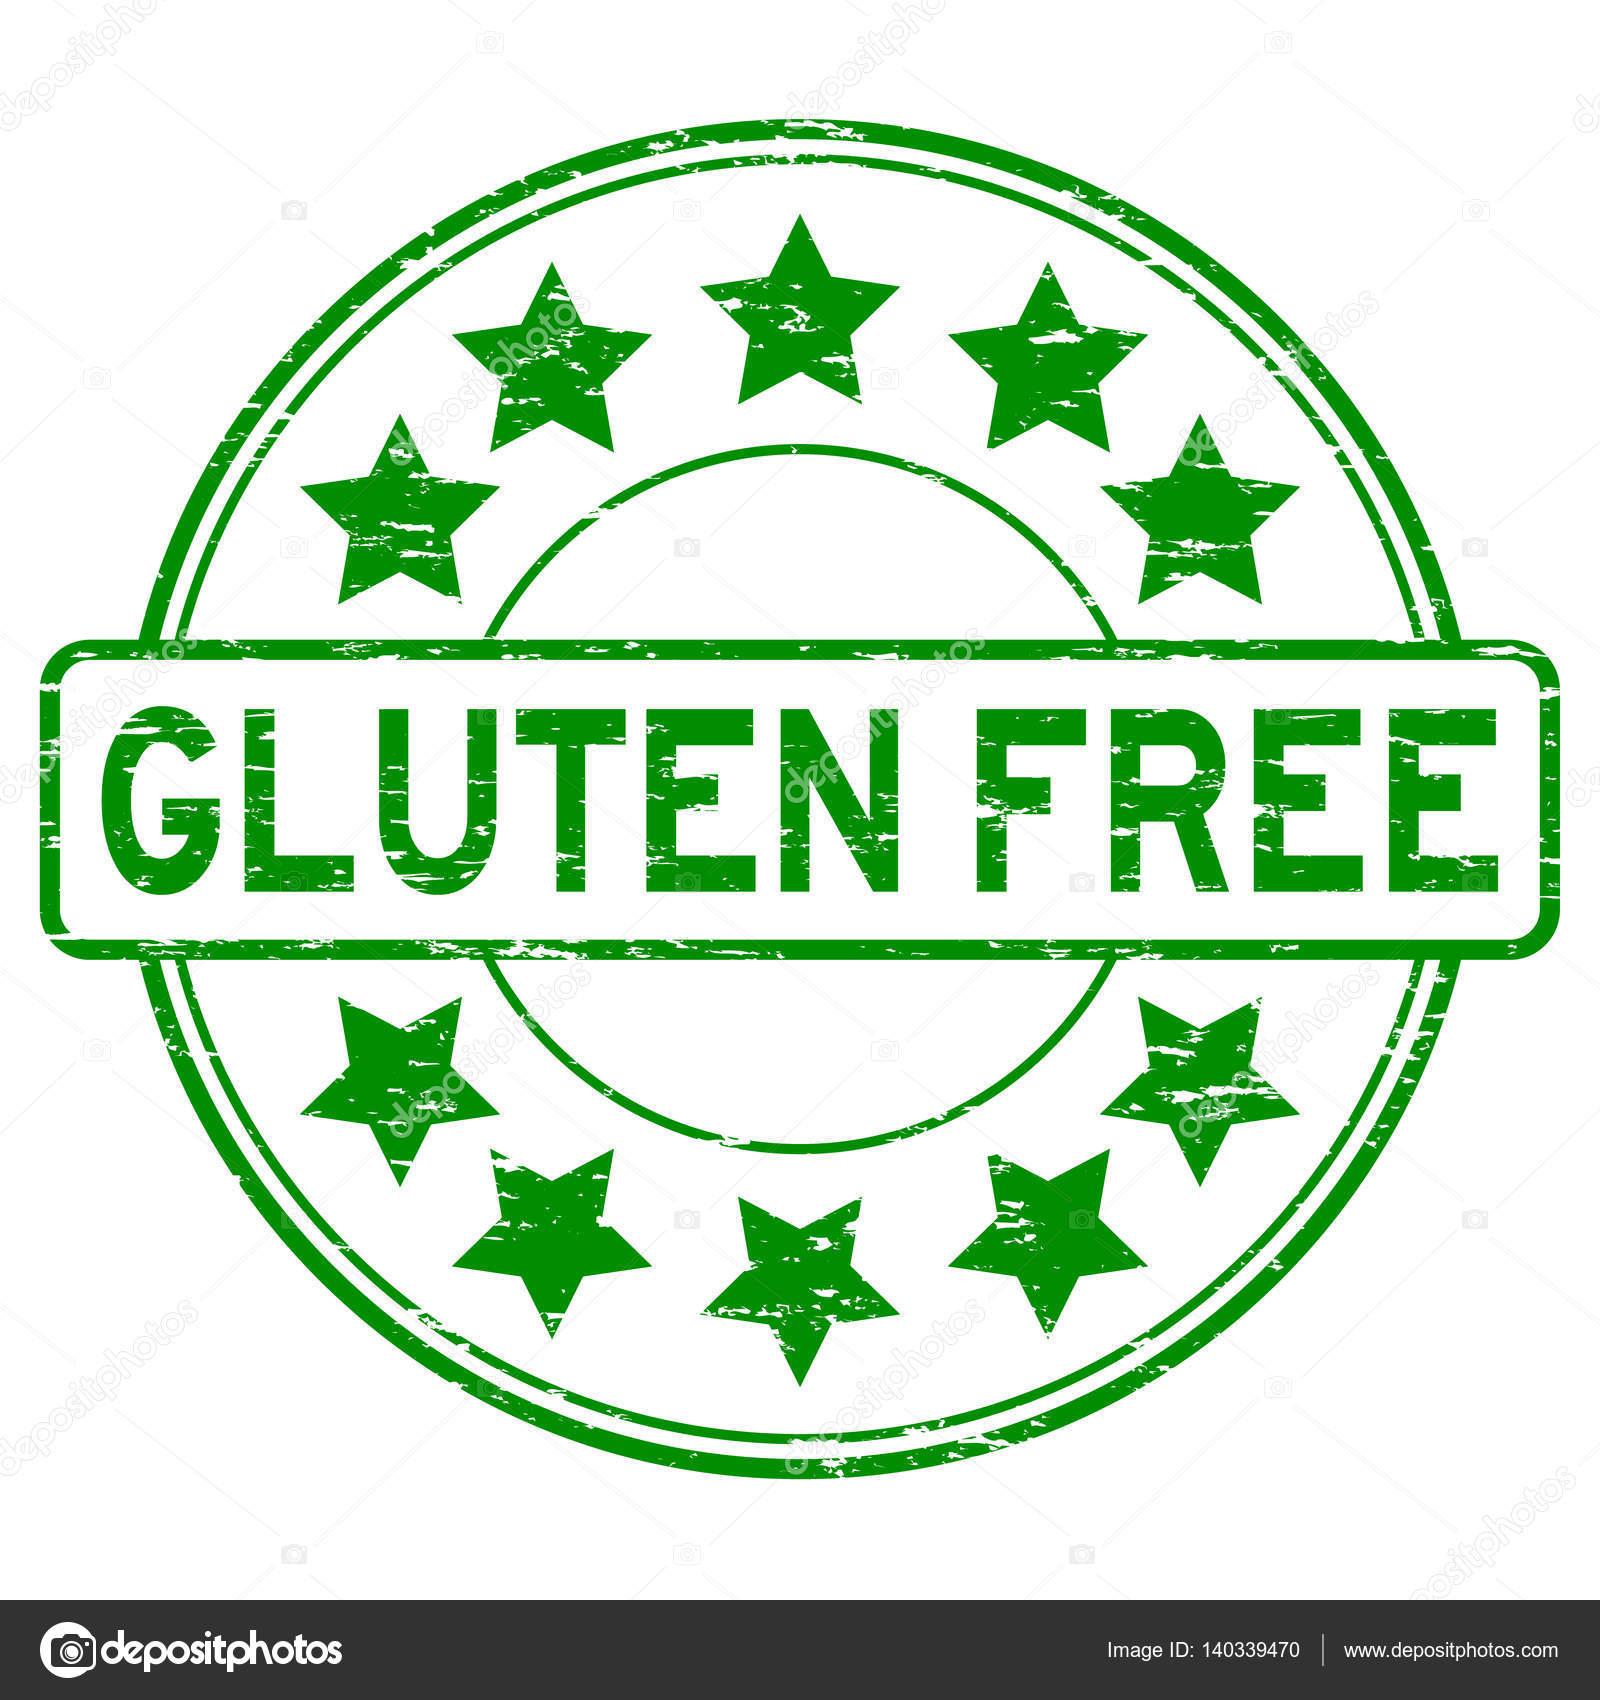 Grunge green Gluten free with star icon round rubber stamp